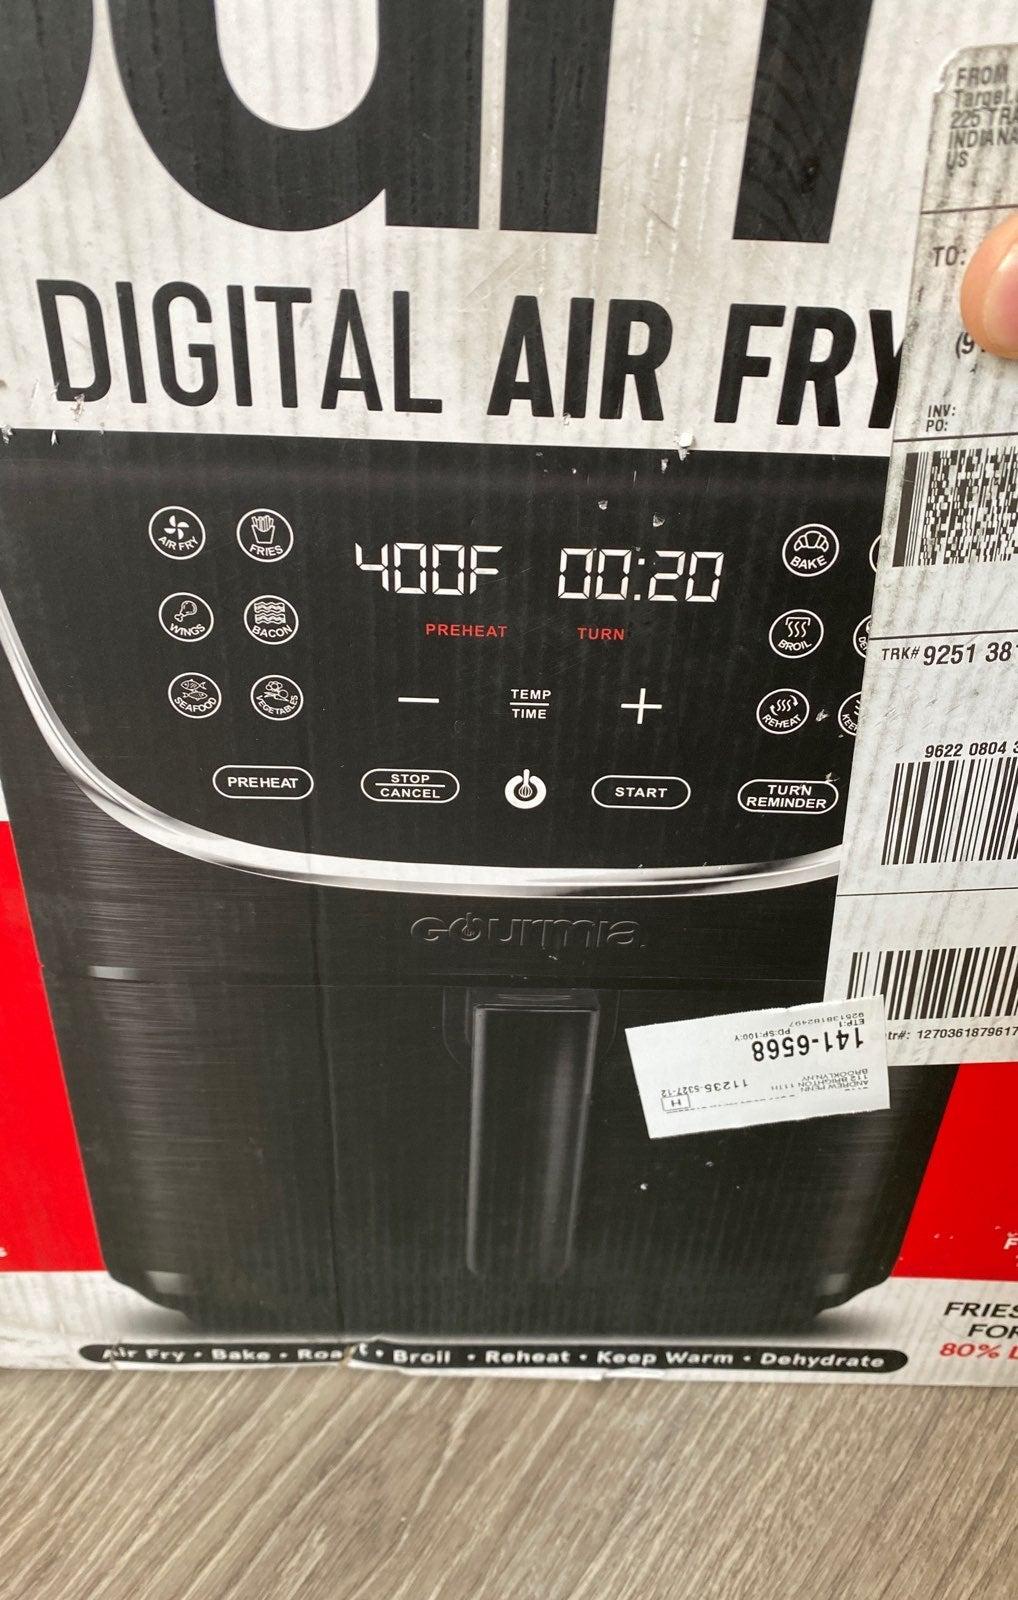 Gourmia 7qt digital air fryer